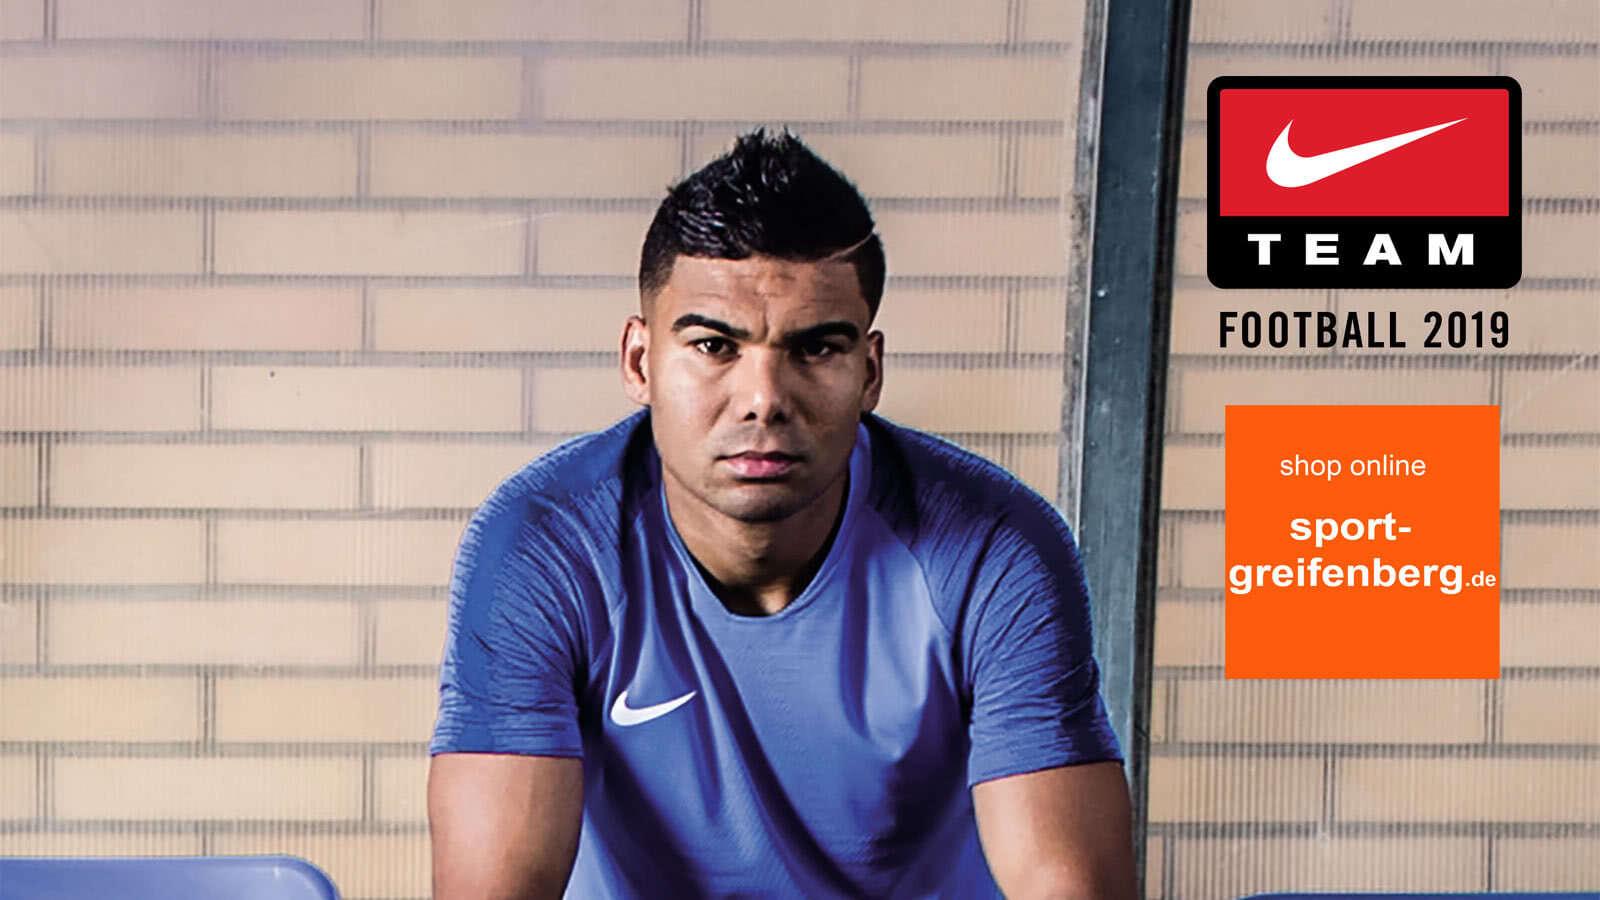 Der Nike Katalog 2019/2020 für Fußball und Teamsport